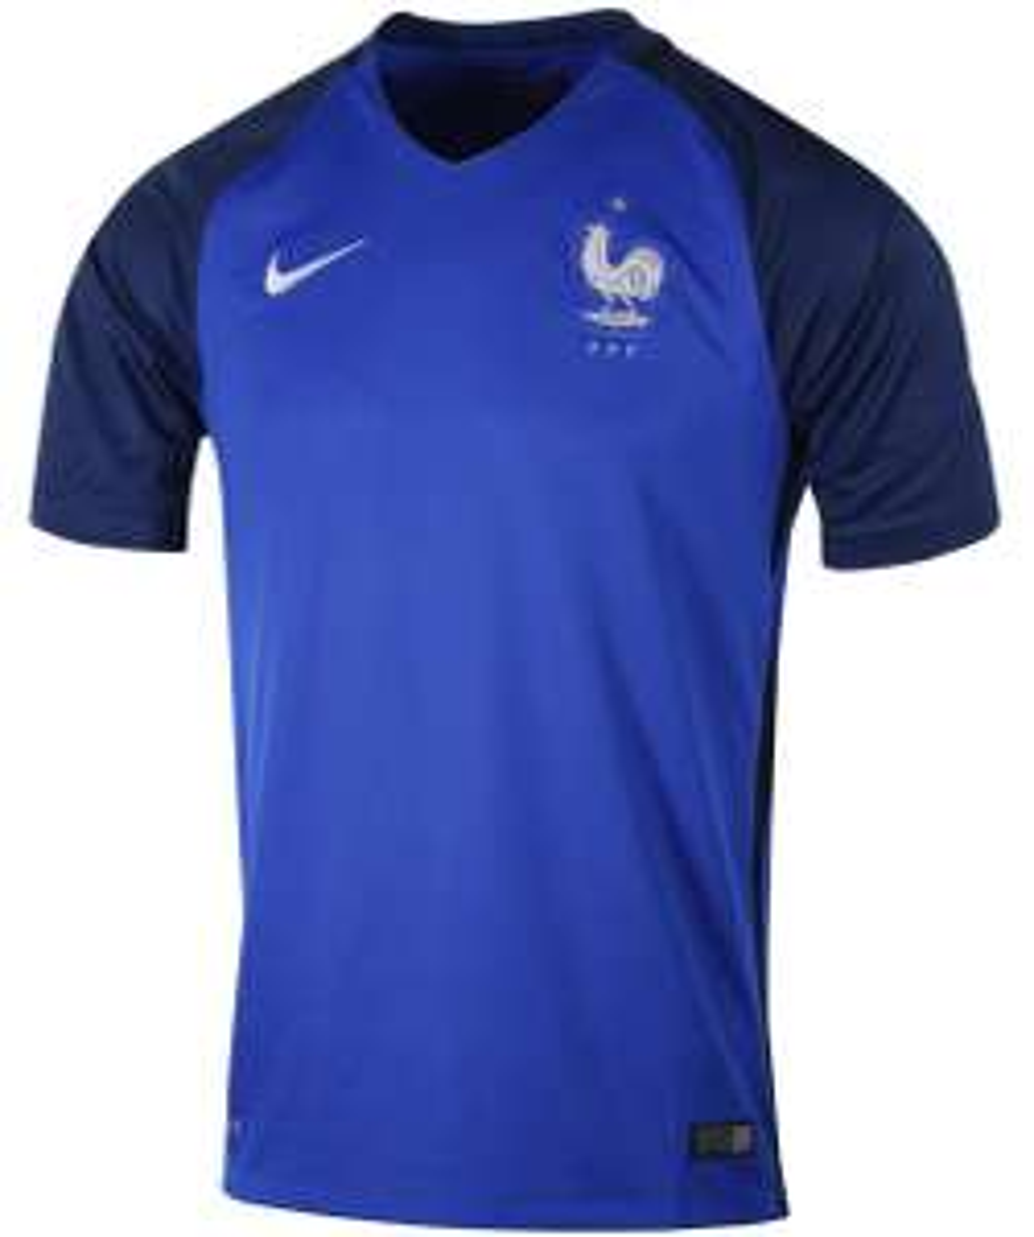 Sélection de maillots adultes, juniors, ou collection du supporter soldés - Ex : Maillot Stadium France Domicile 2016/17